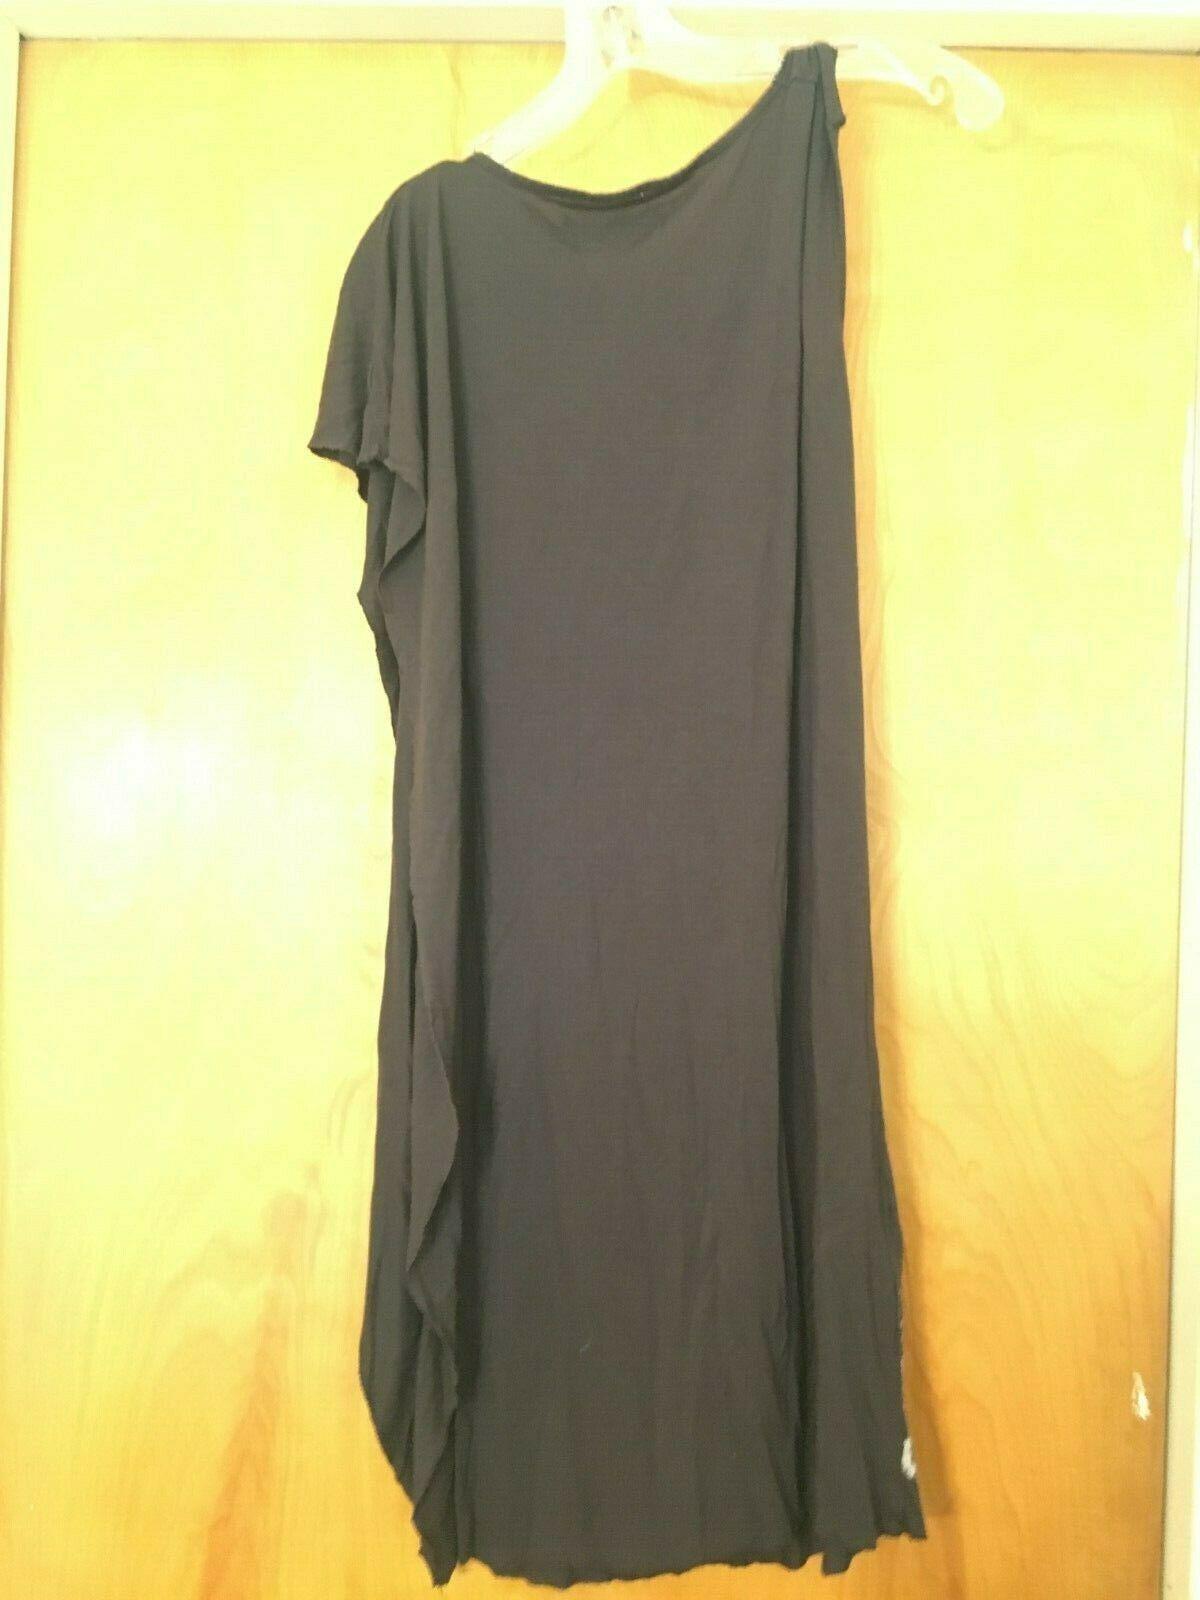 AllSaints Asymmetrical T-shirt Dress Size 8 image 8